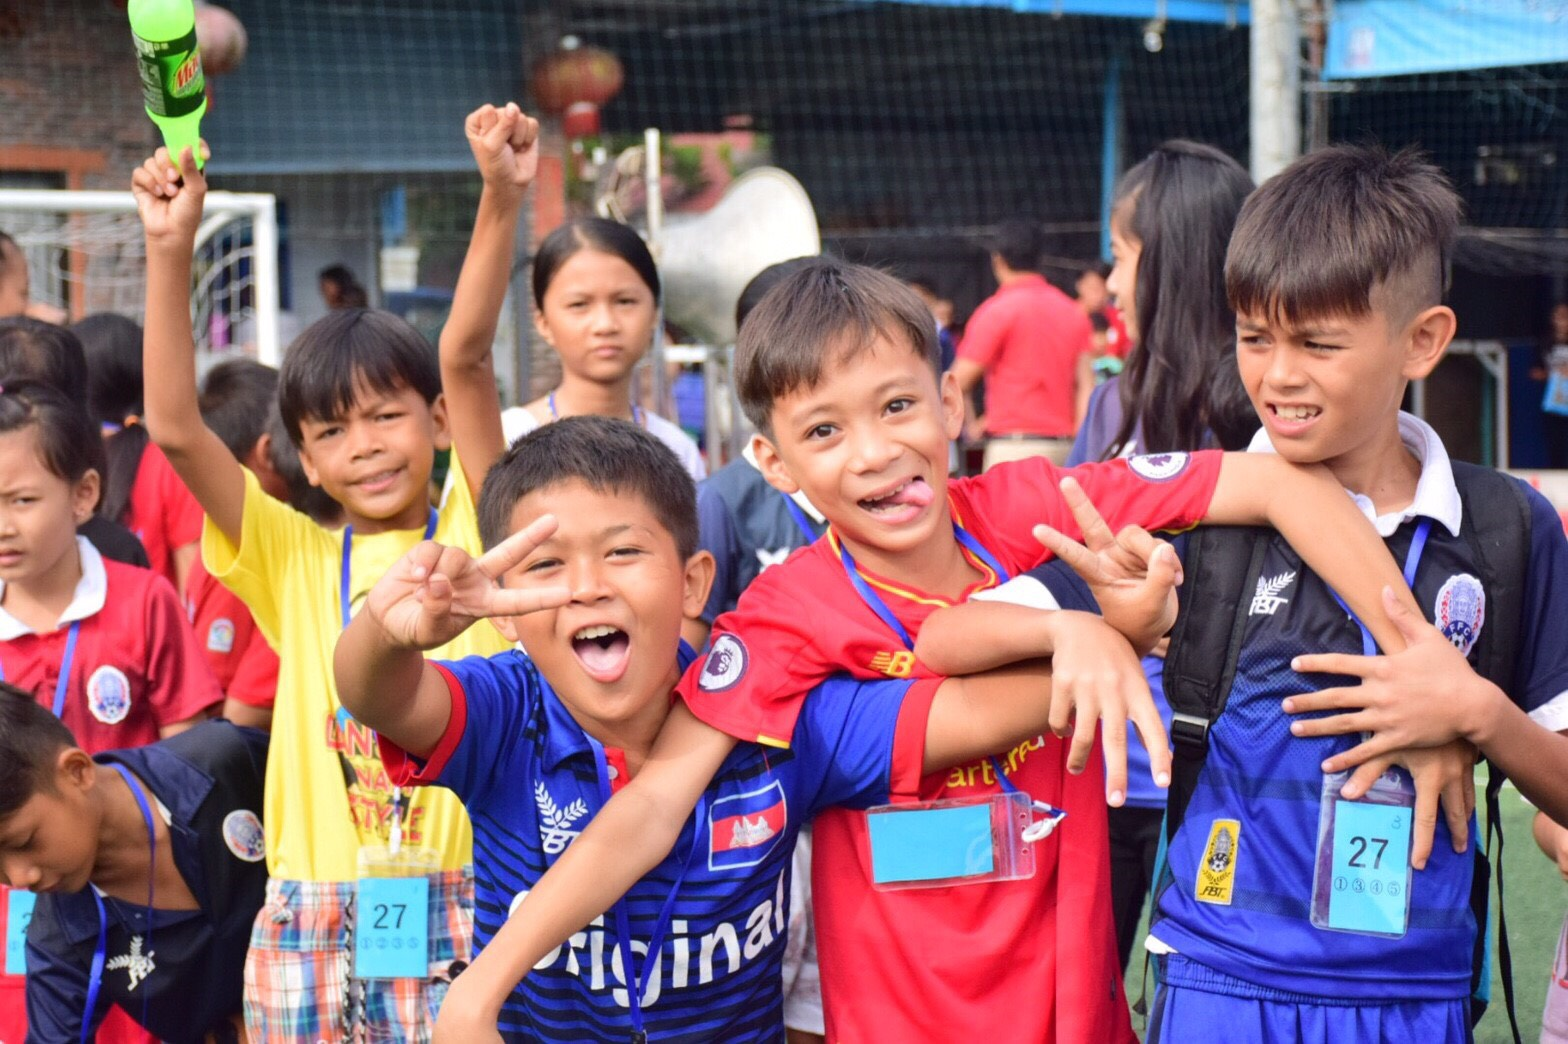 スポーツフェスティバル2017年夏 in プノンペン・カンボジア1